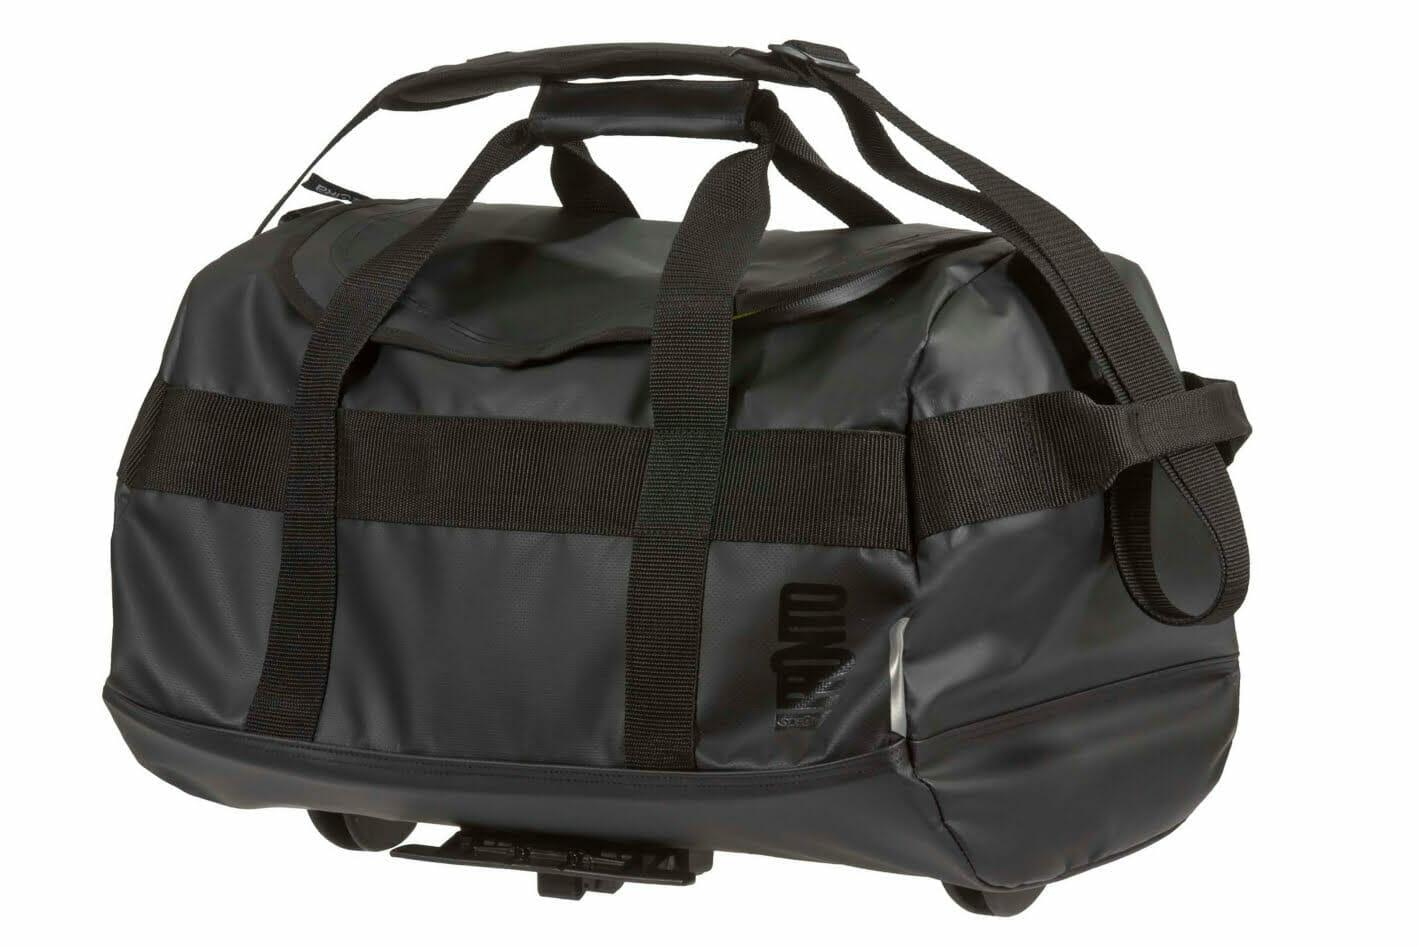 Kända Träningsväska Spectra Pronto Duffelbag AVS   Fri frakt* till KU-59